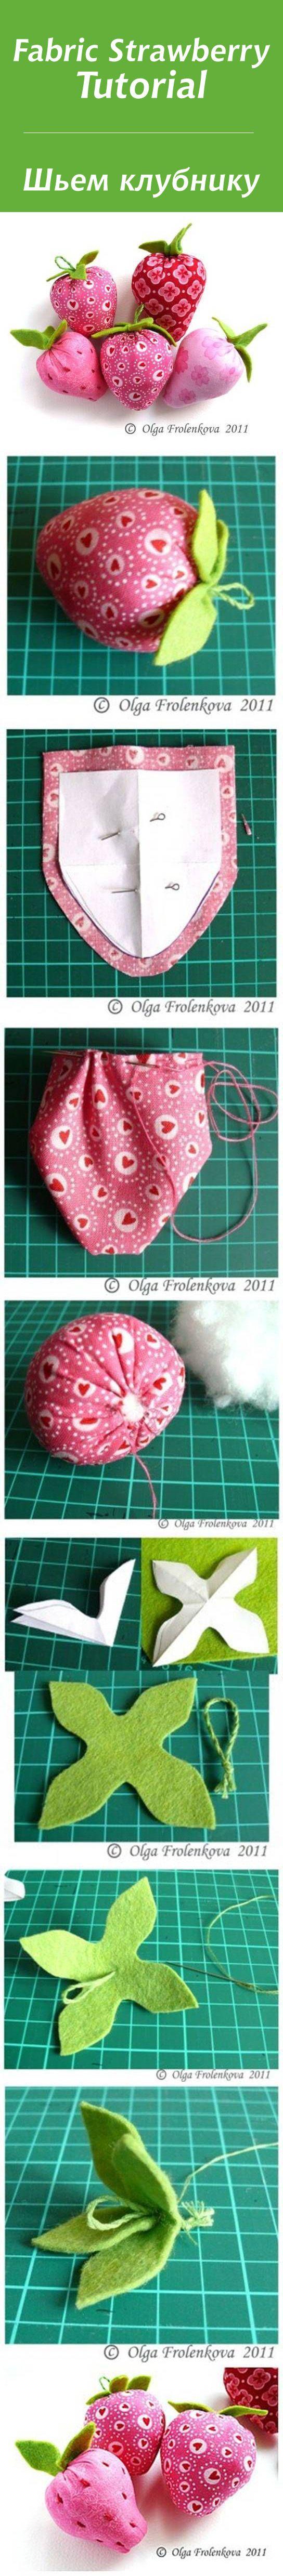 Шьем клубничку из ткани / Fabric Strawberry Tutorial #diy